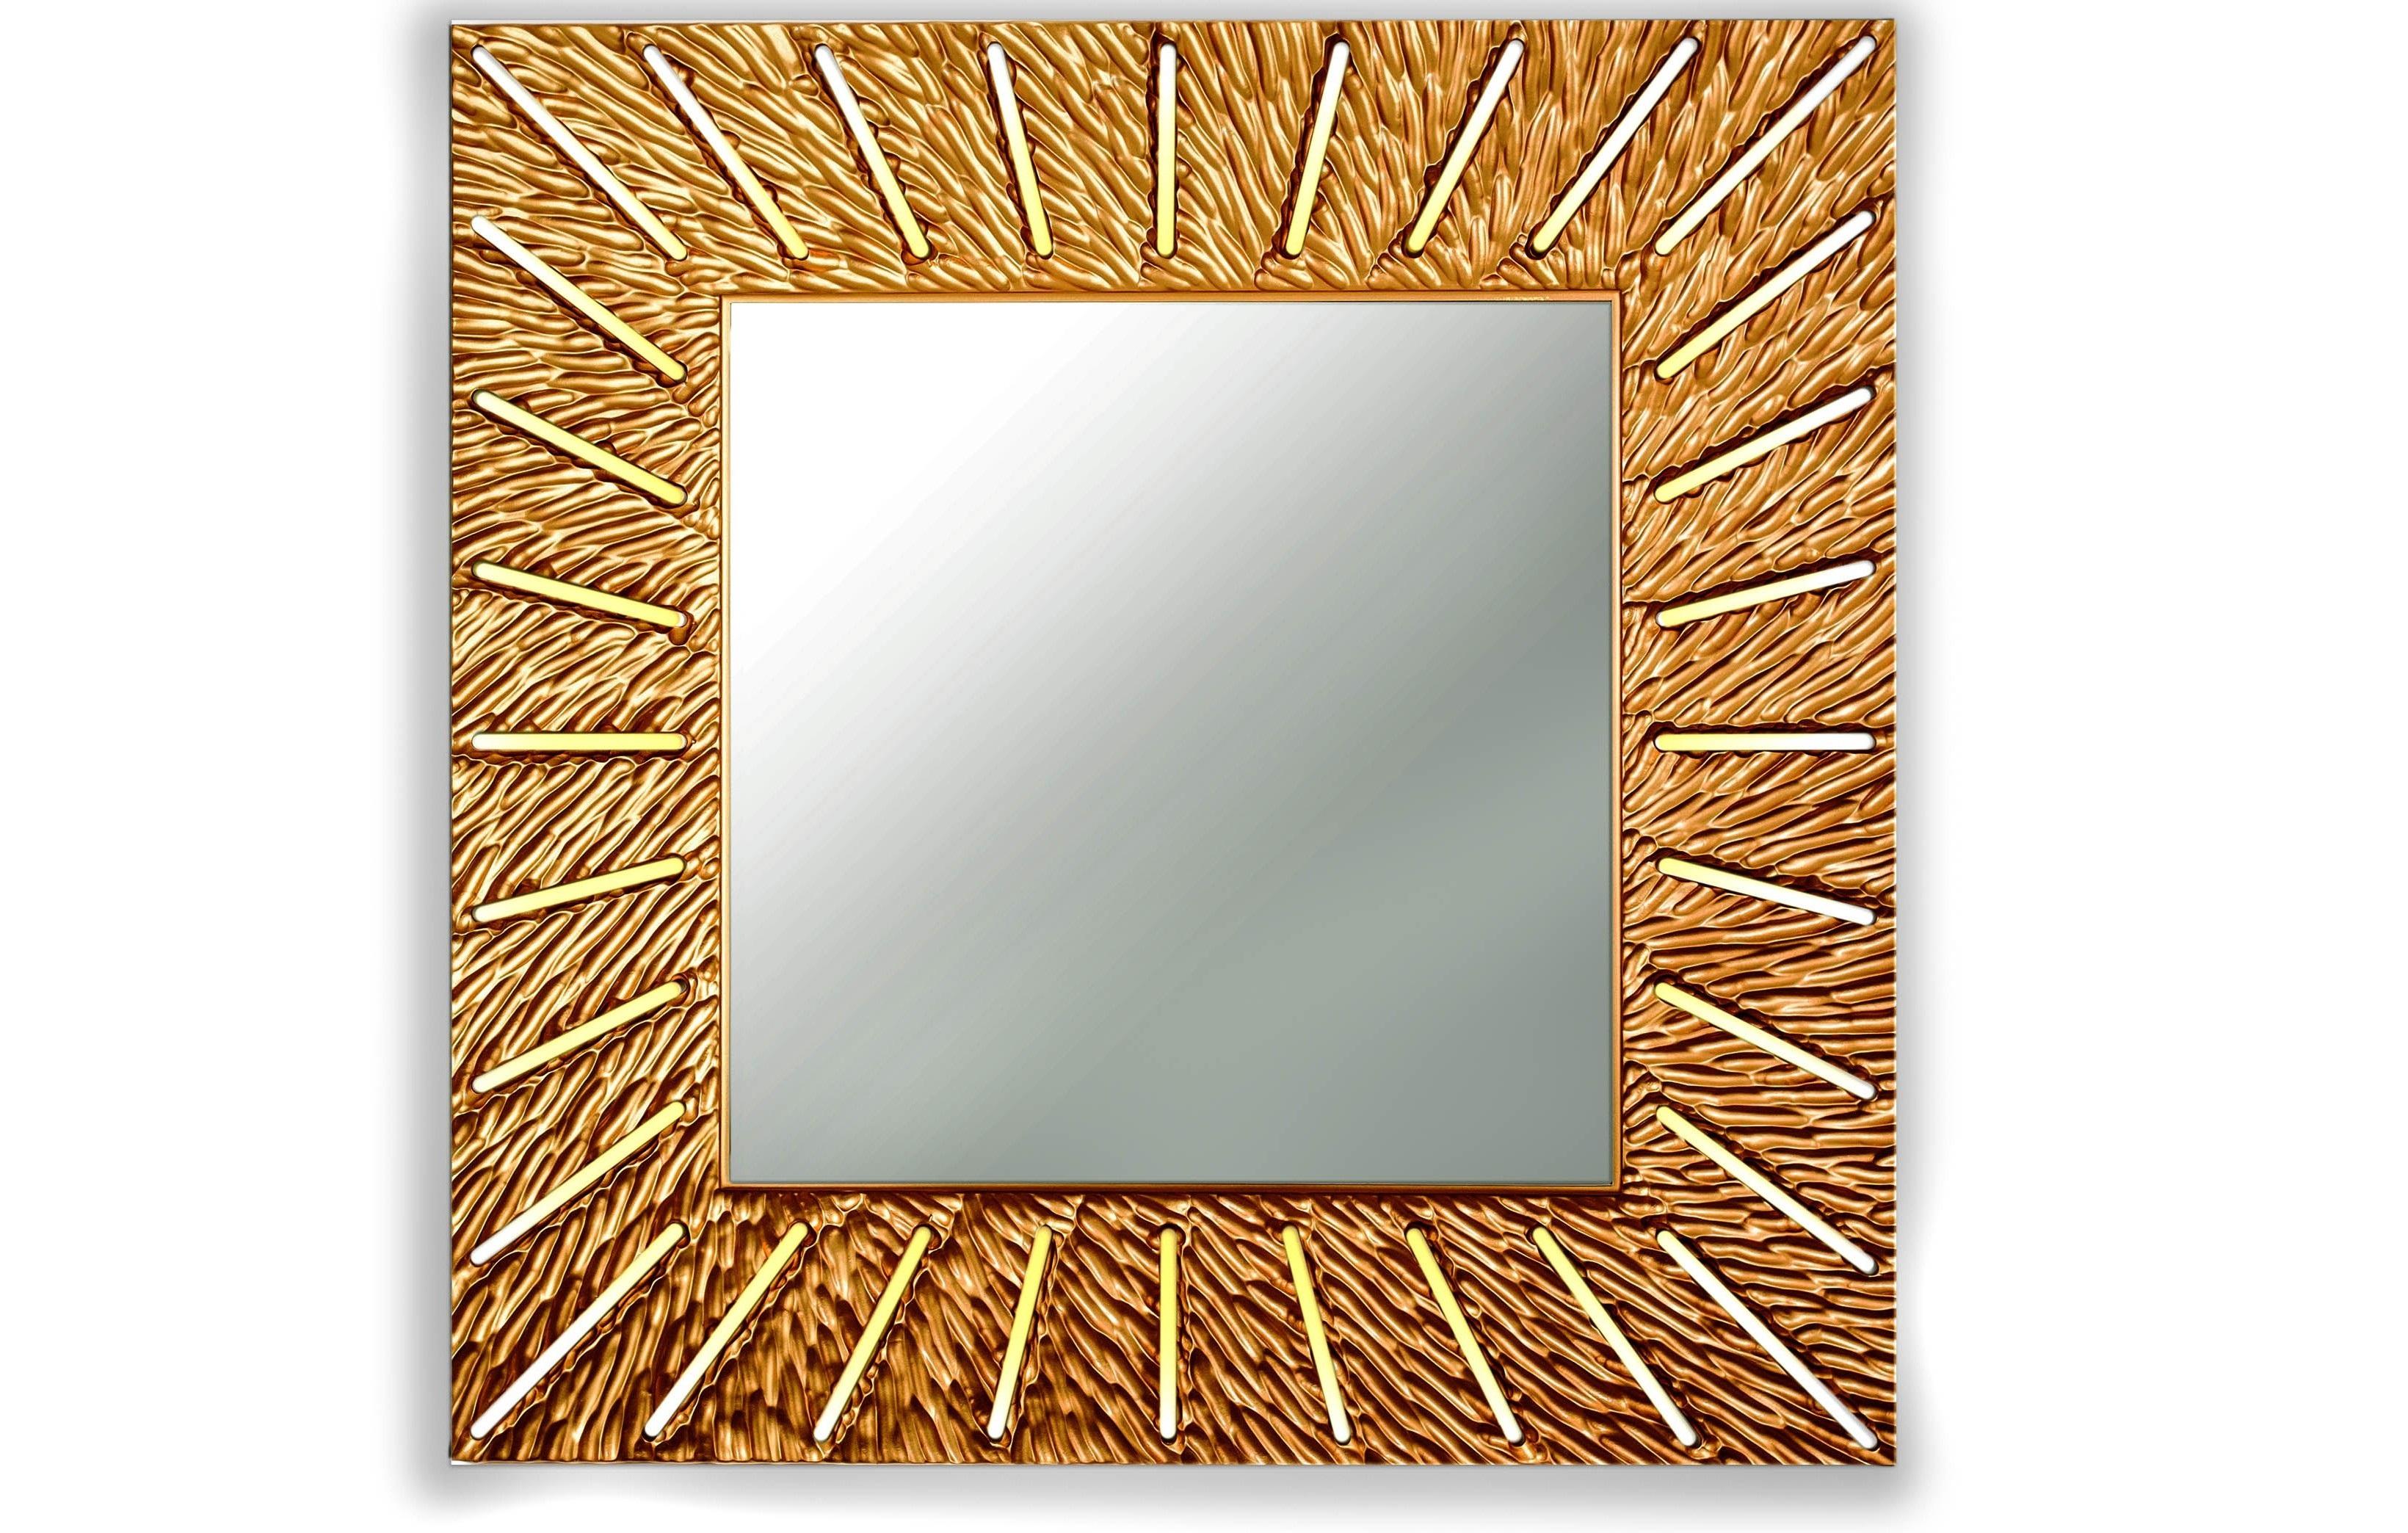 Зеркало SUNSHINEНастенные зеркала<br>С лучами солнца в дом приходят радость и веселье. <br>Распахните жизнь им навстречу, чтобы каждый день приносил удачу. <br>Символ солнца и изобилия-коллекция зеркал Sunshine согреет и осветит ваш дом.&amp;amp;nbsp;&amp;lt;div&amp;gt;&amp;lt;br&amp;gt;&amp;lt;/div&amp;gt;&amp;lt;div&amp;gt;&amp;lt;p class=&amp;quot;MsoNormal&amp;quot;&amp;gt;Товарное предложение оснащено светодиодной подсветкой.&amp;lt;o:p&amp;gt;&amp;lt;/o:p&amp;gt;&amp;lt;/p&amp;gt;&amp;lt;/div&amp;gt;<br><br>Material: Дерево<br>Ширина см: 90.0<br>Высота см: 90.0<br>Глубина см: 1.0